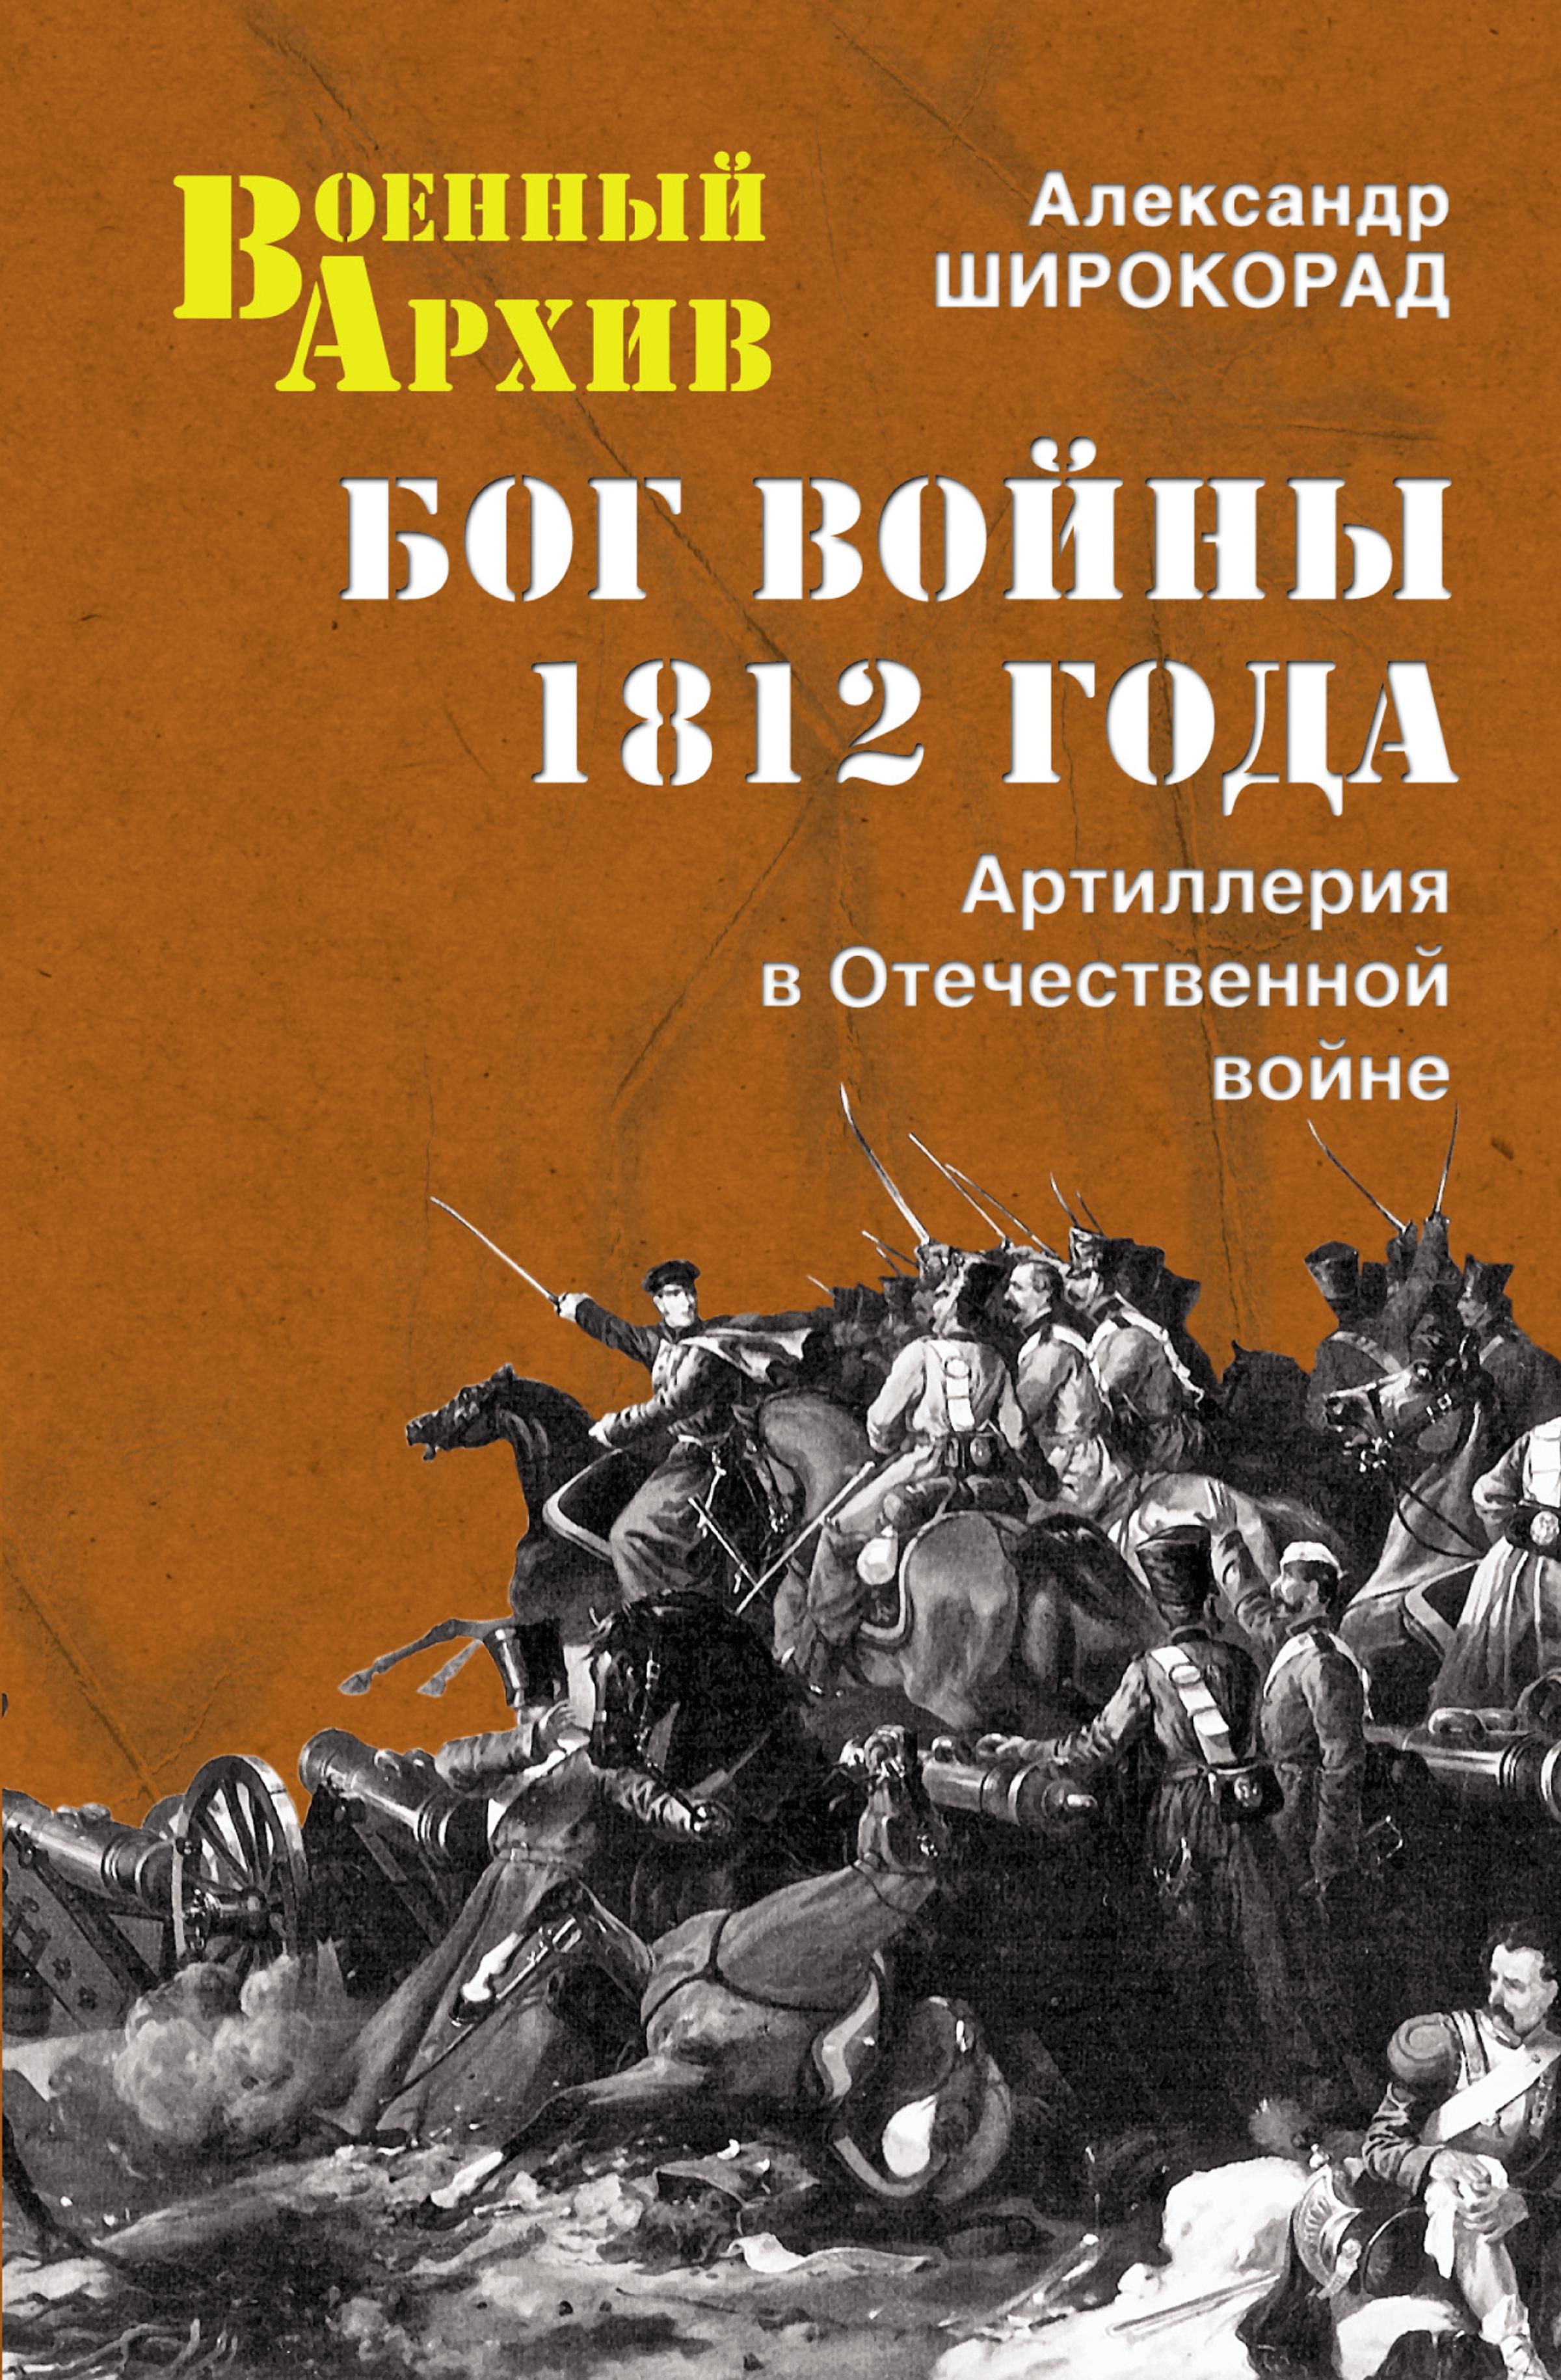 конная артиллерия и драгуны игрушка раскраска герои 1812 года выпуск 7 6 плакатов Александр Широкорад Бог войны 1812 года. Артиллерия в Отечественной войне